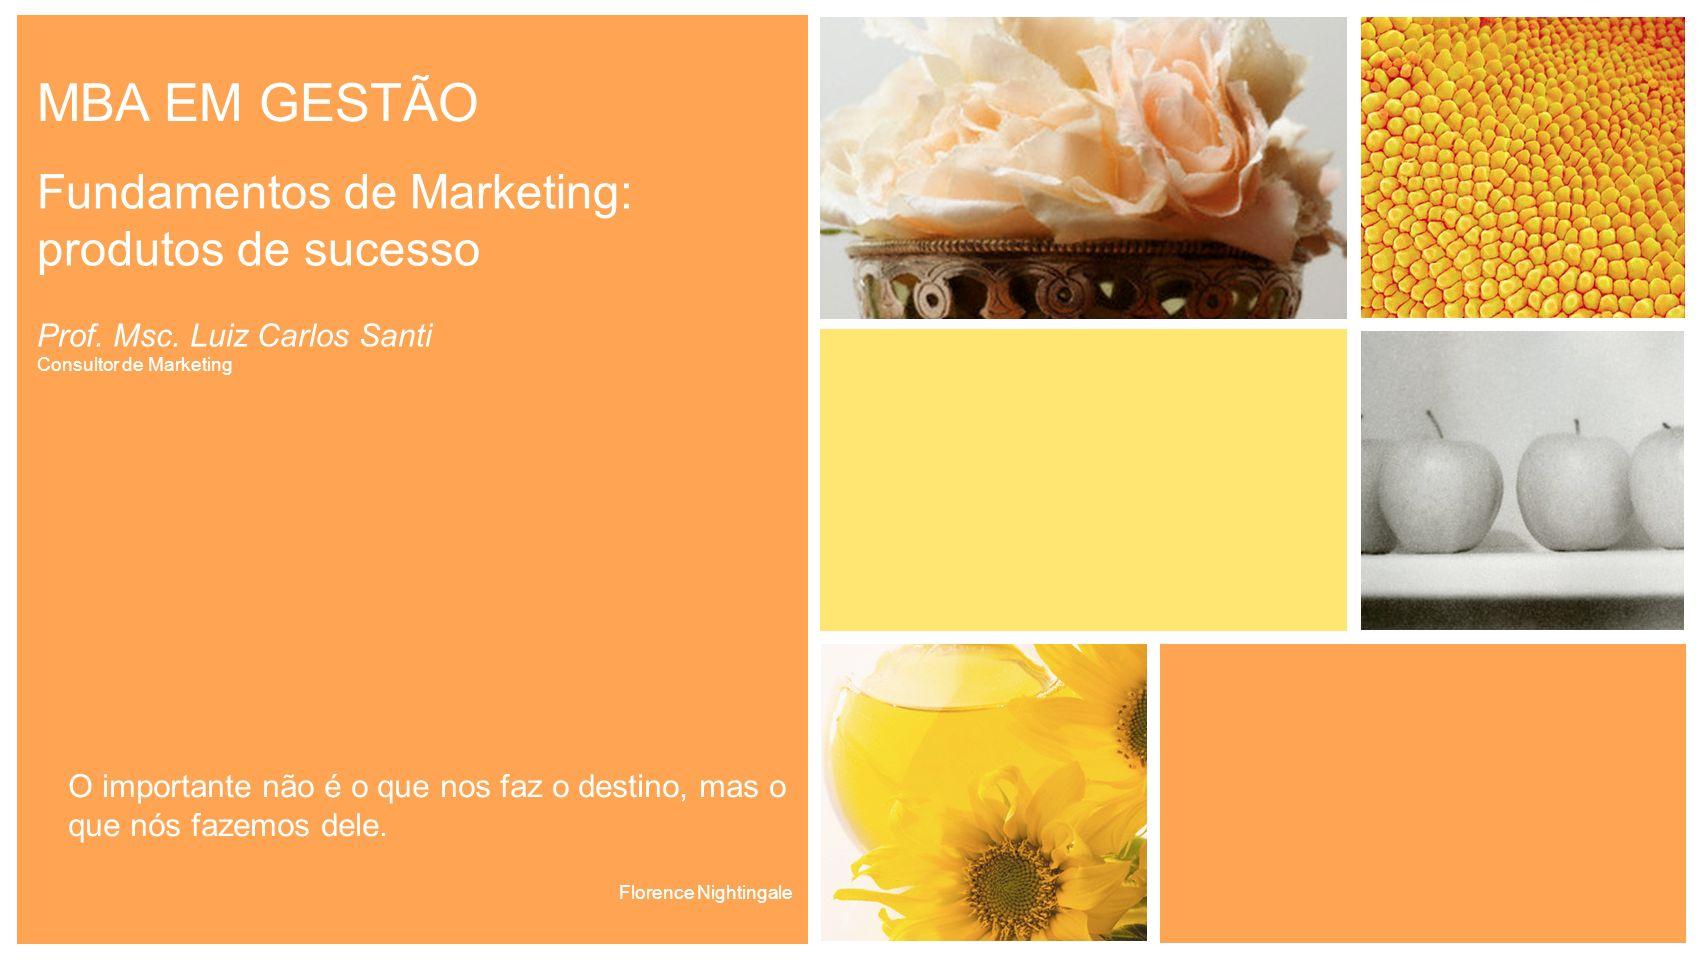 MBA EM GESTÃO Fundamentos de Marketing: produtos de sucesso Prof. Msc. Luiz Carlos Santi Consultor de Marketing O importante não é o que nos faz o des